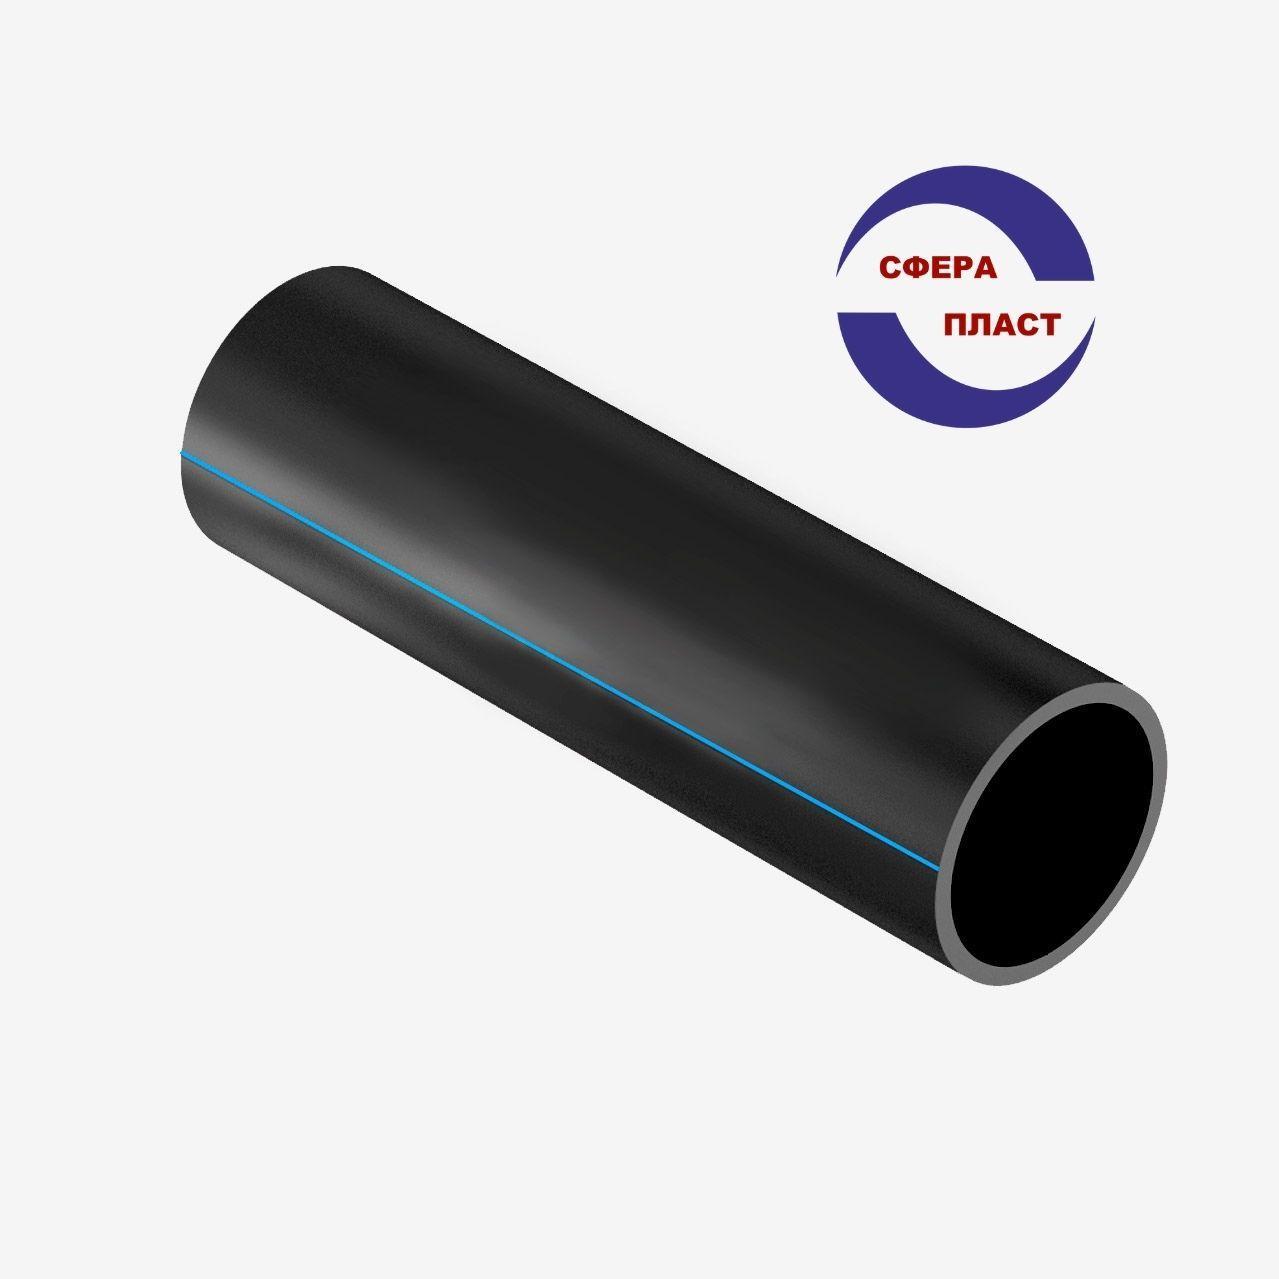 Труба Ду-225x20,5 SDR11 (16 атм) полиэтиленовая ПЭ-100